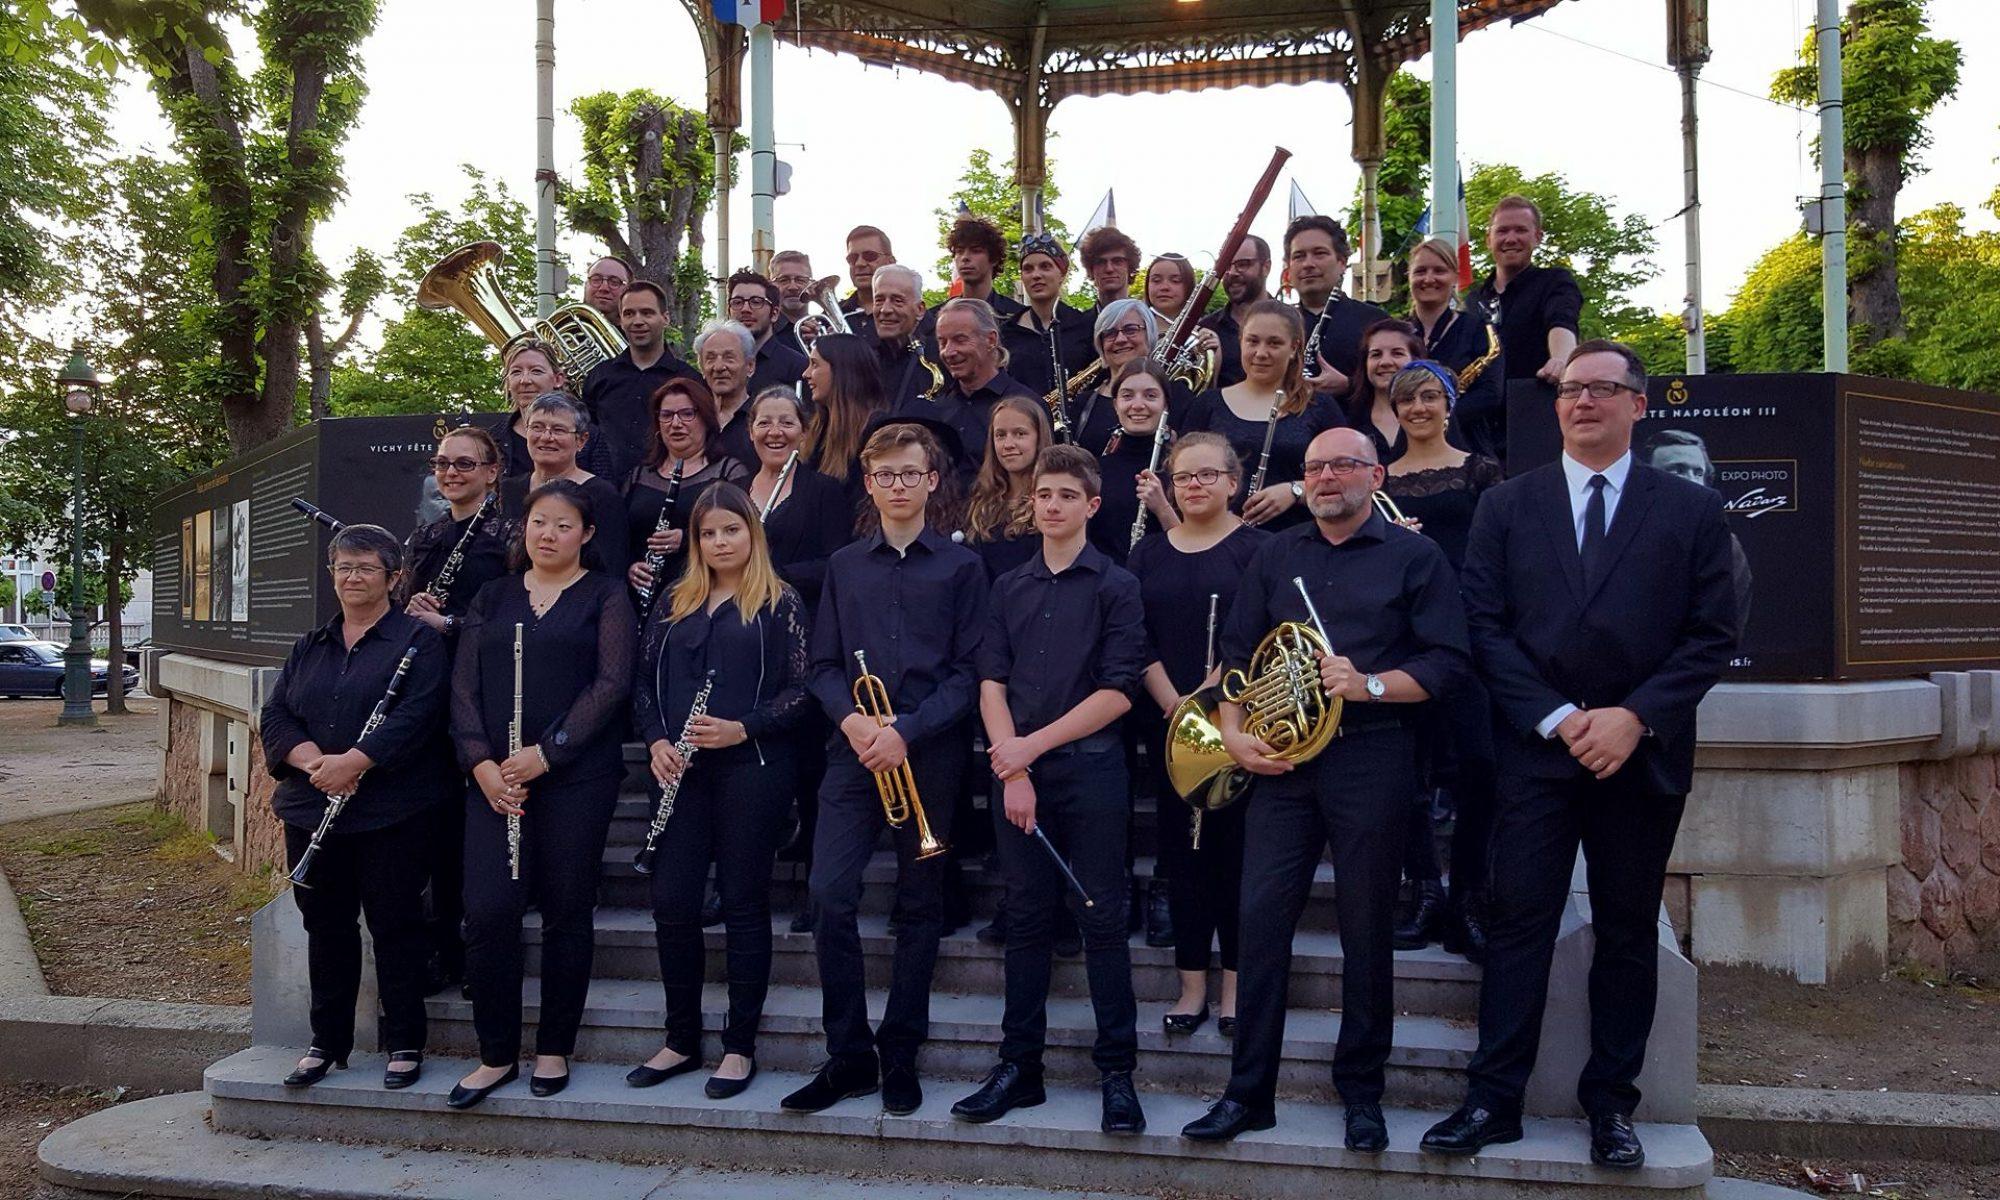 Harmonie de Saint-Priest en Jarez